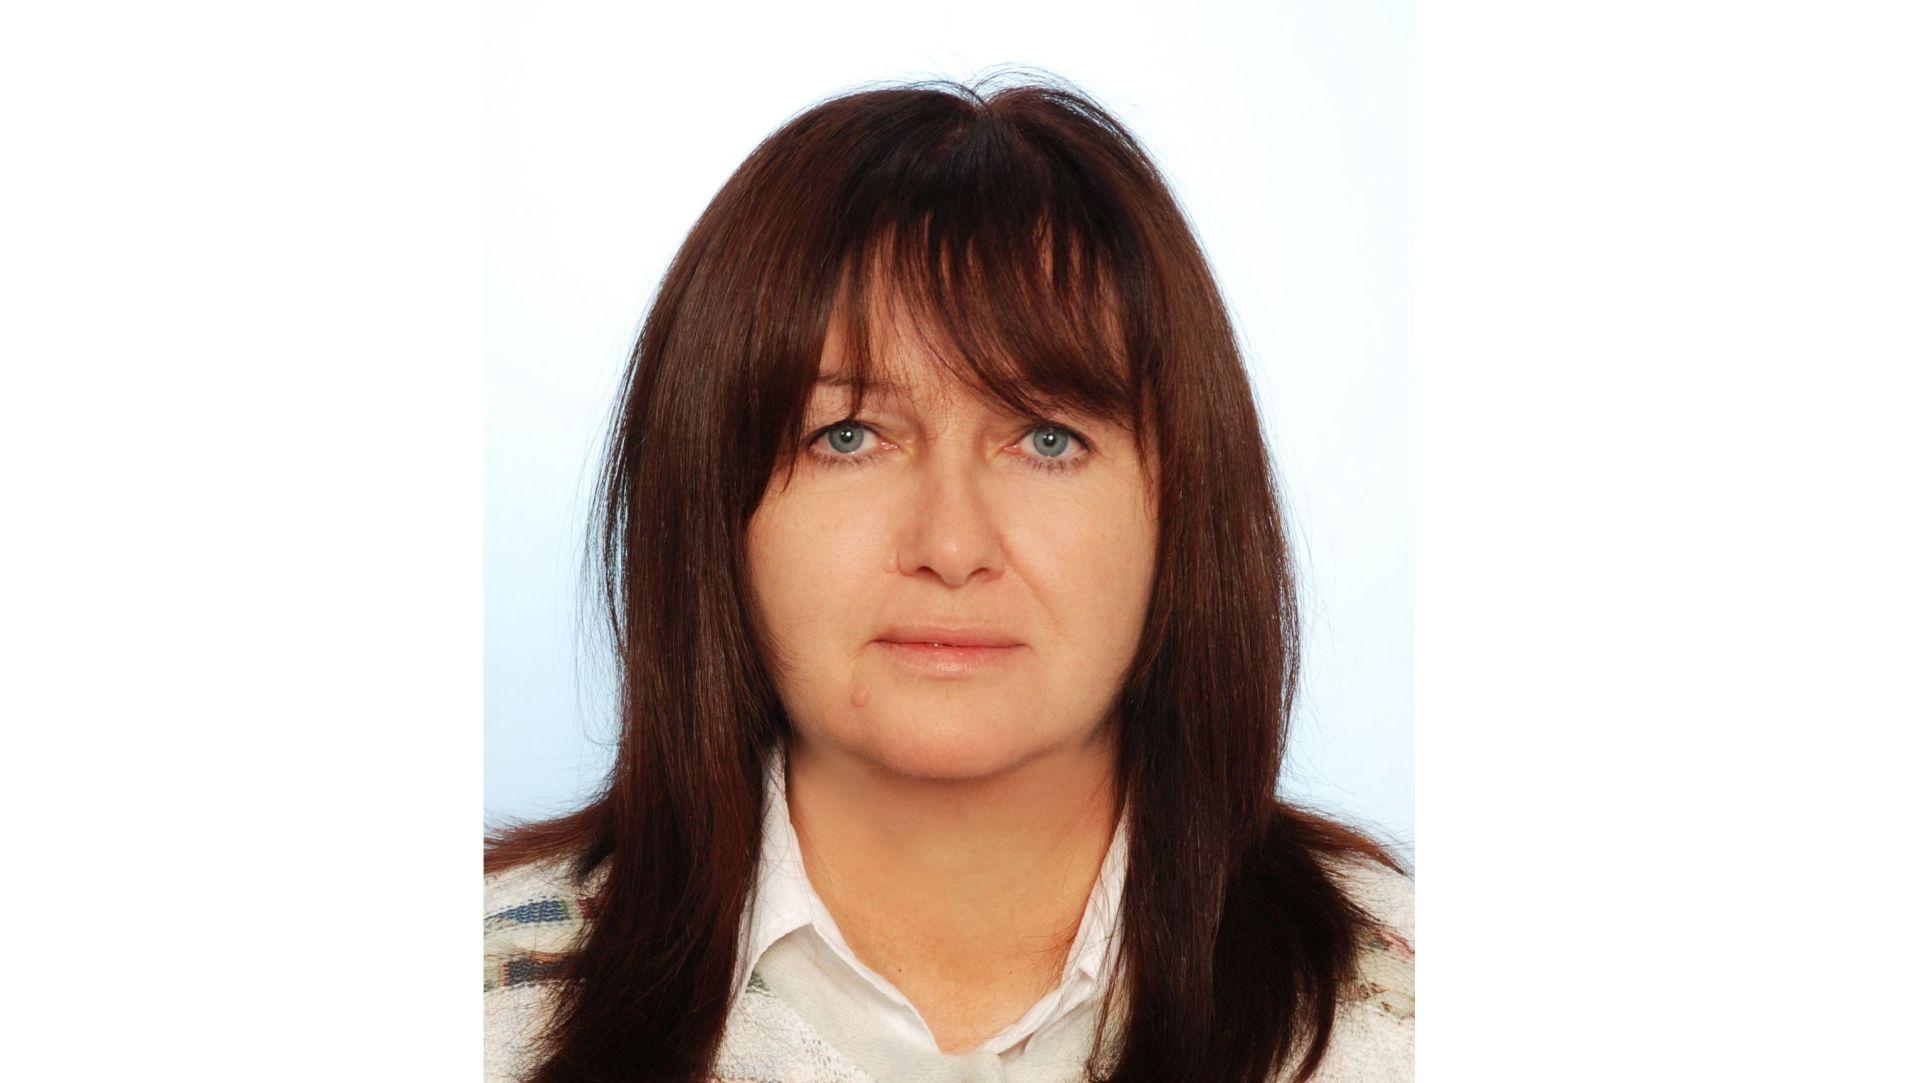 Prevoditeljici Dagmar Ruljančić najviše priznanje Hrvatsko-češkoga društva